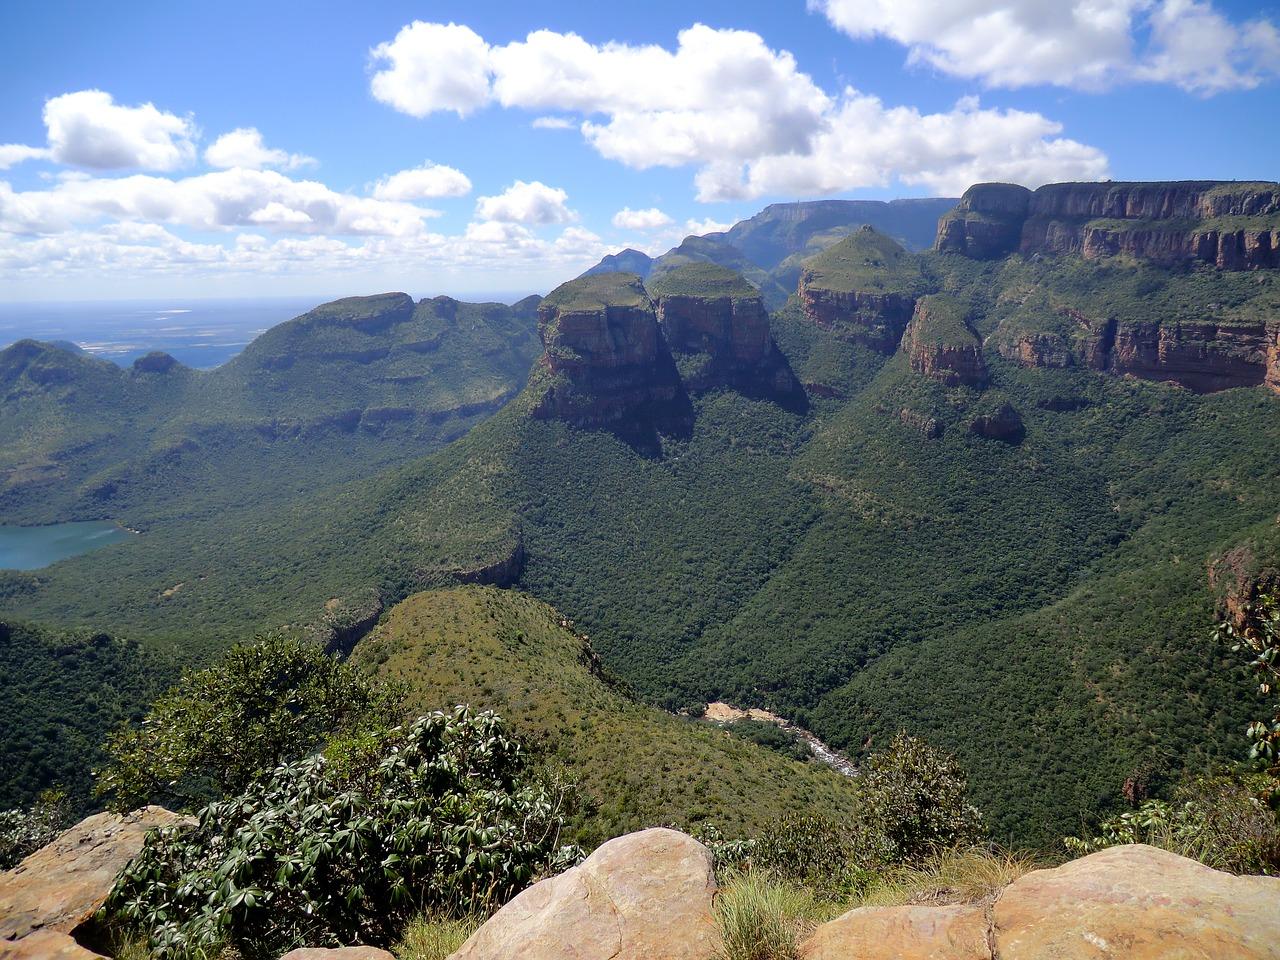 إفريقيا ، صور رائعة تظهر جمال هذه القارة المذهلة